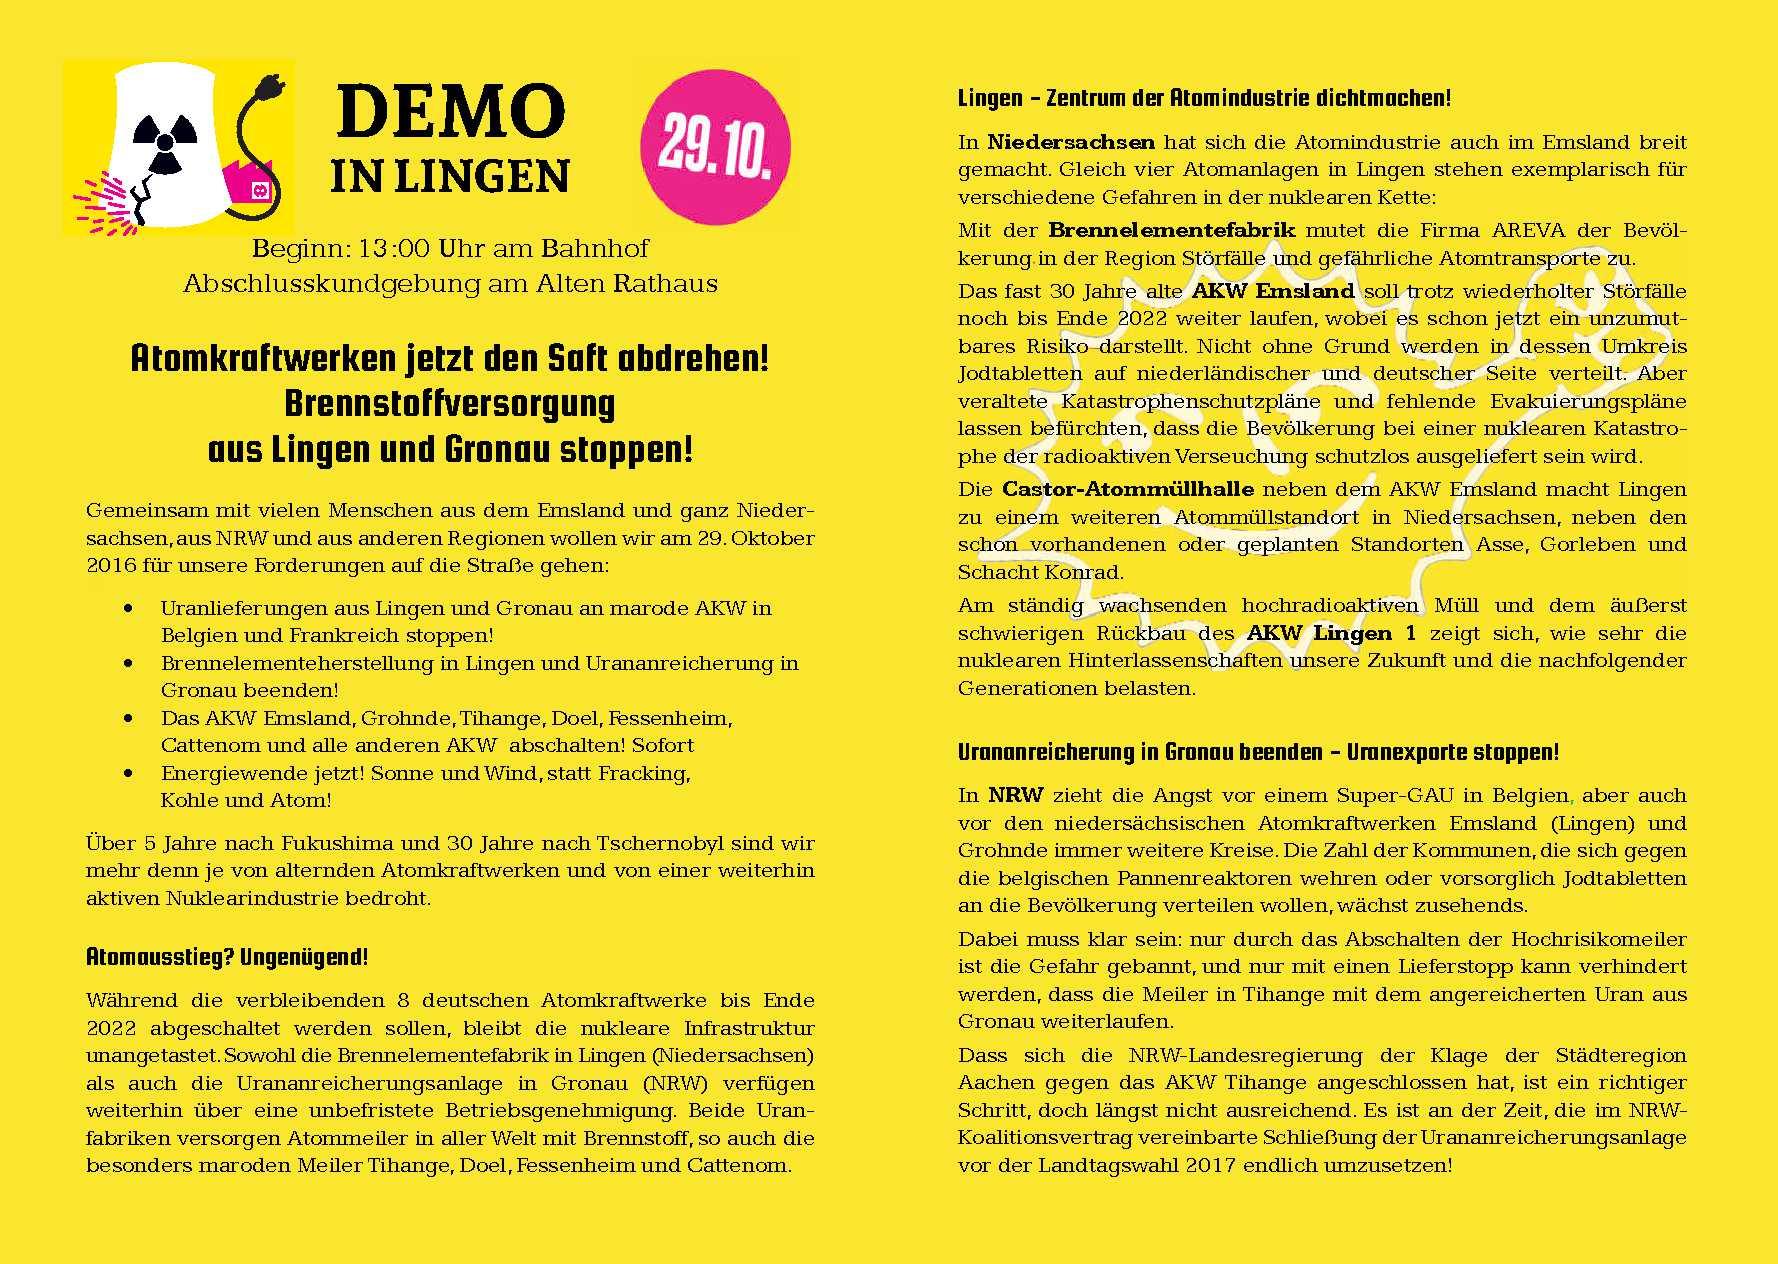 Faltblatt-Demo-Lingen_2-1.jpg